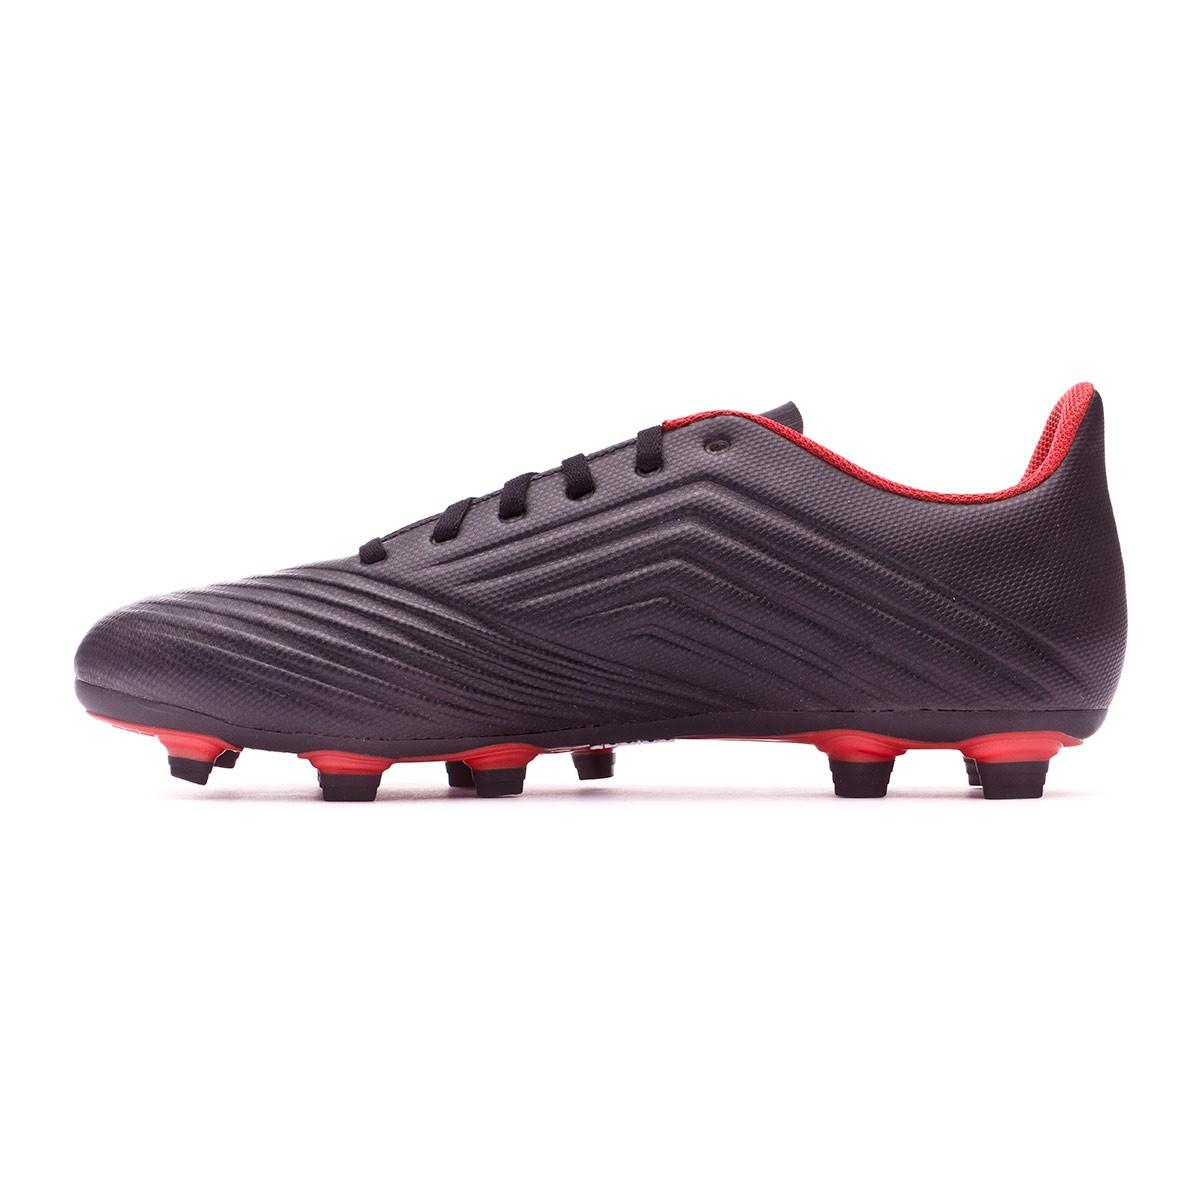 check out e9b2e 289d3 Bota de fútbol adidas Predator 18.4 FxG Core black-White-Red - Soloporteros  es ahora Fútbol Emotion